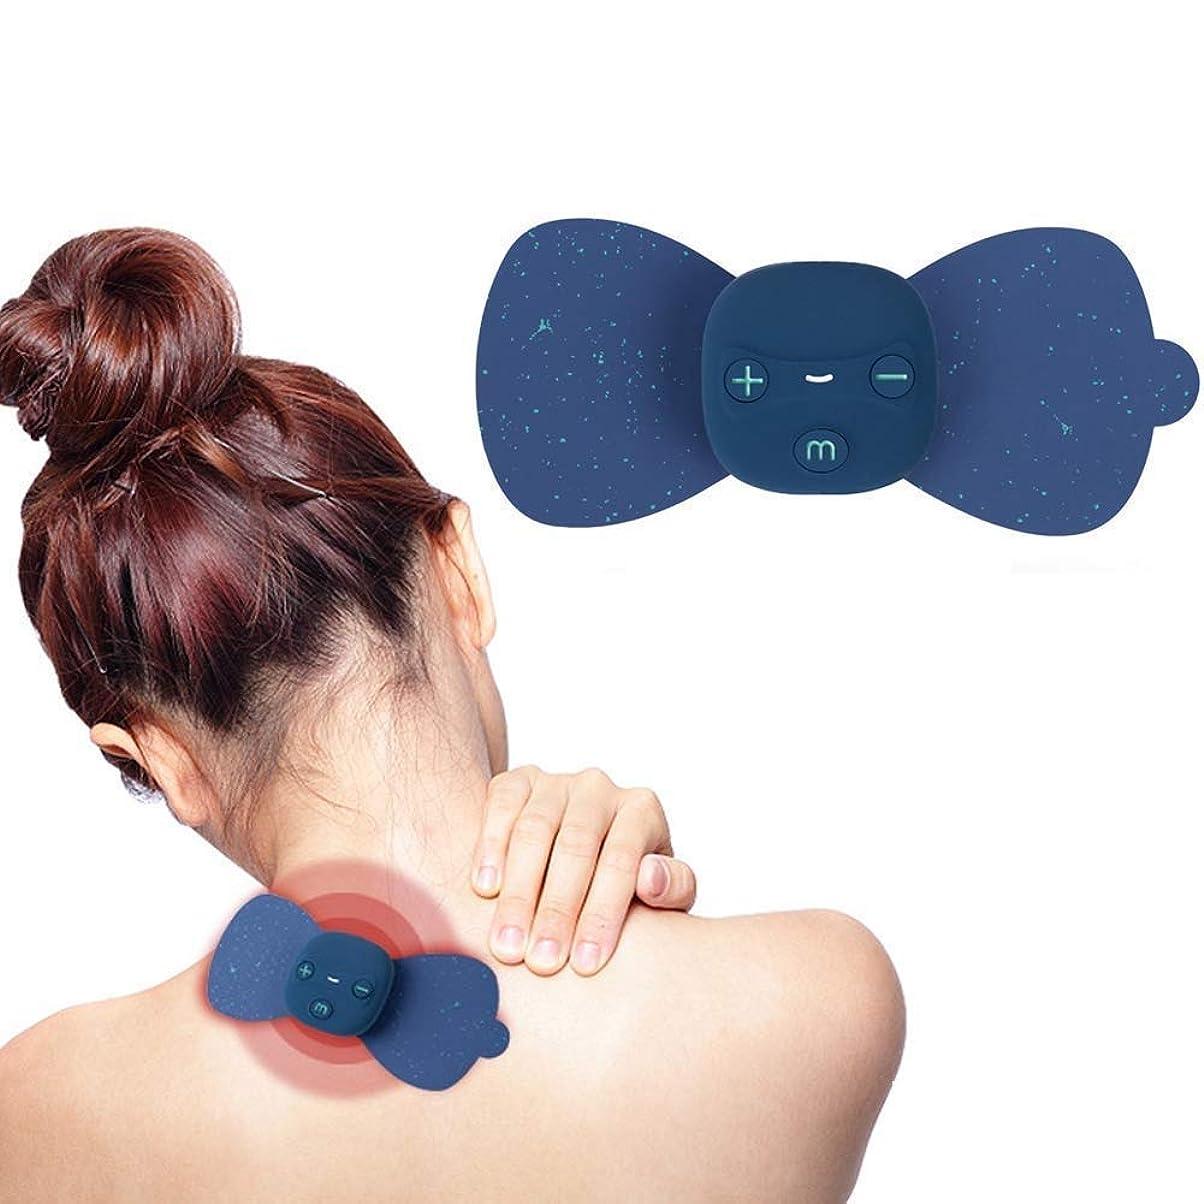 静める無法者テントマッサージステッカー EMSマッサージテンマシンセラピーデバイス、ワイヤレステンユニット - 電極パッドデバイス - 電気刺激マシン - EMS痛み緩和療法神経刺激用筋肉